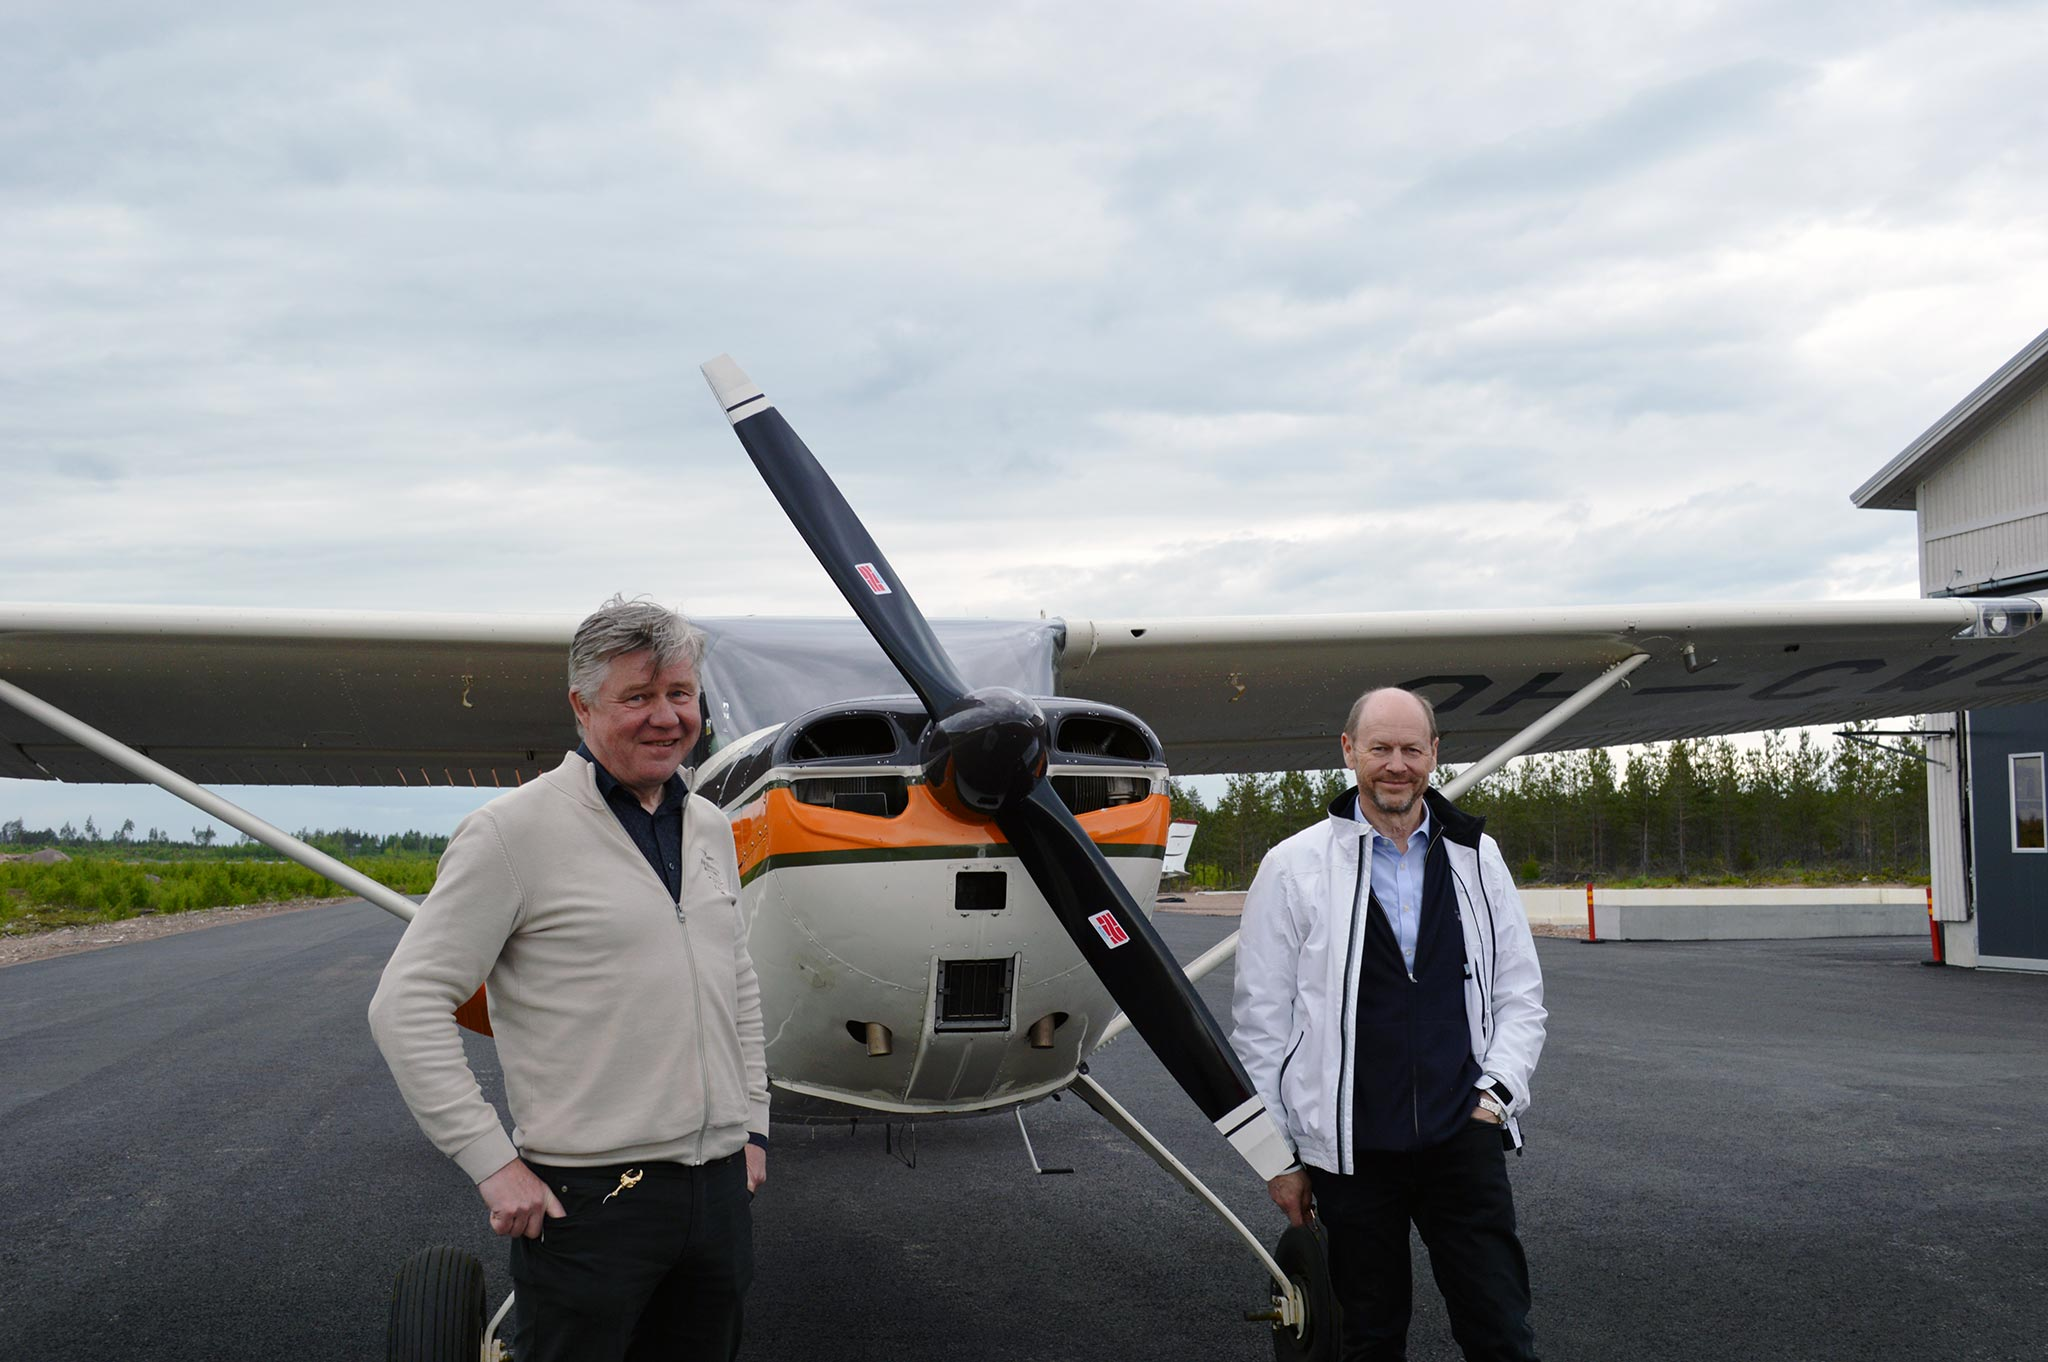 Redstone AERO:n hallituksen puheenjohtaja Esa Korjula ja Tulevaisuuden ilmaliikenteen kehityskeskuksen LIFT:n vetäjä Olli Nuuttila seisovat Pyhtään lentokentällä.